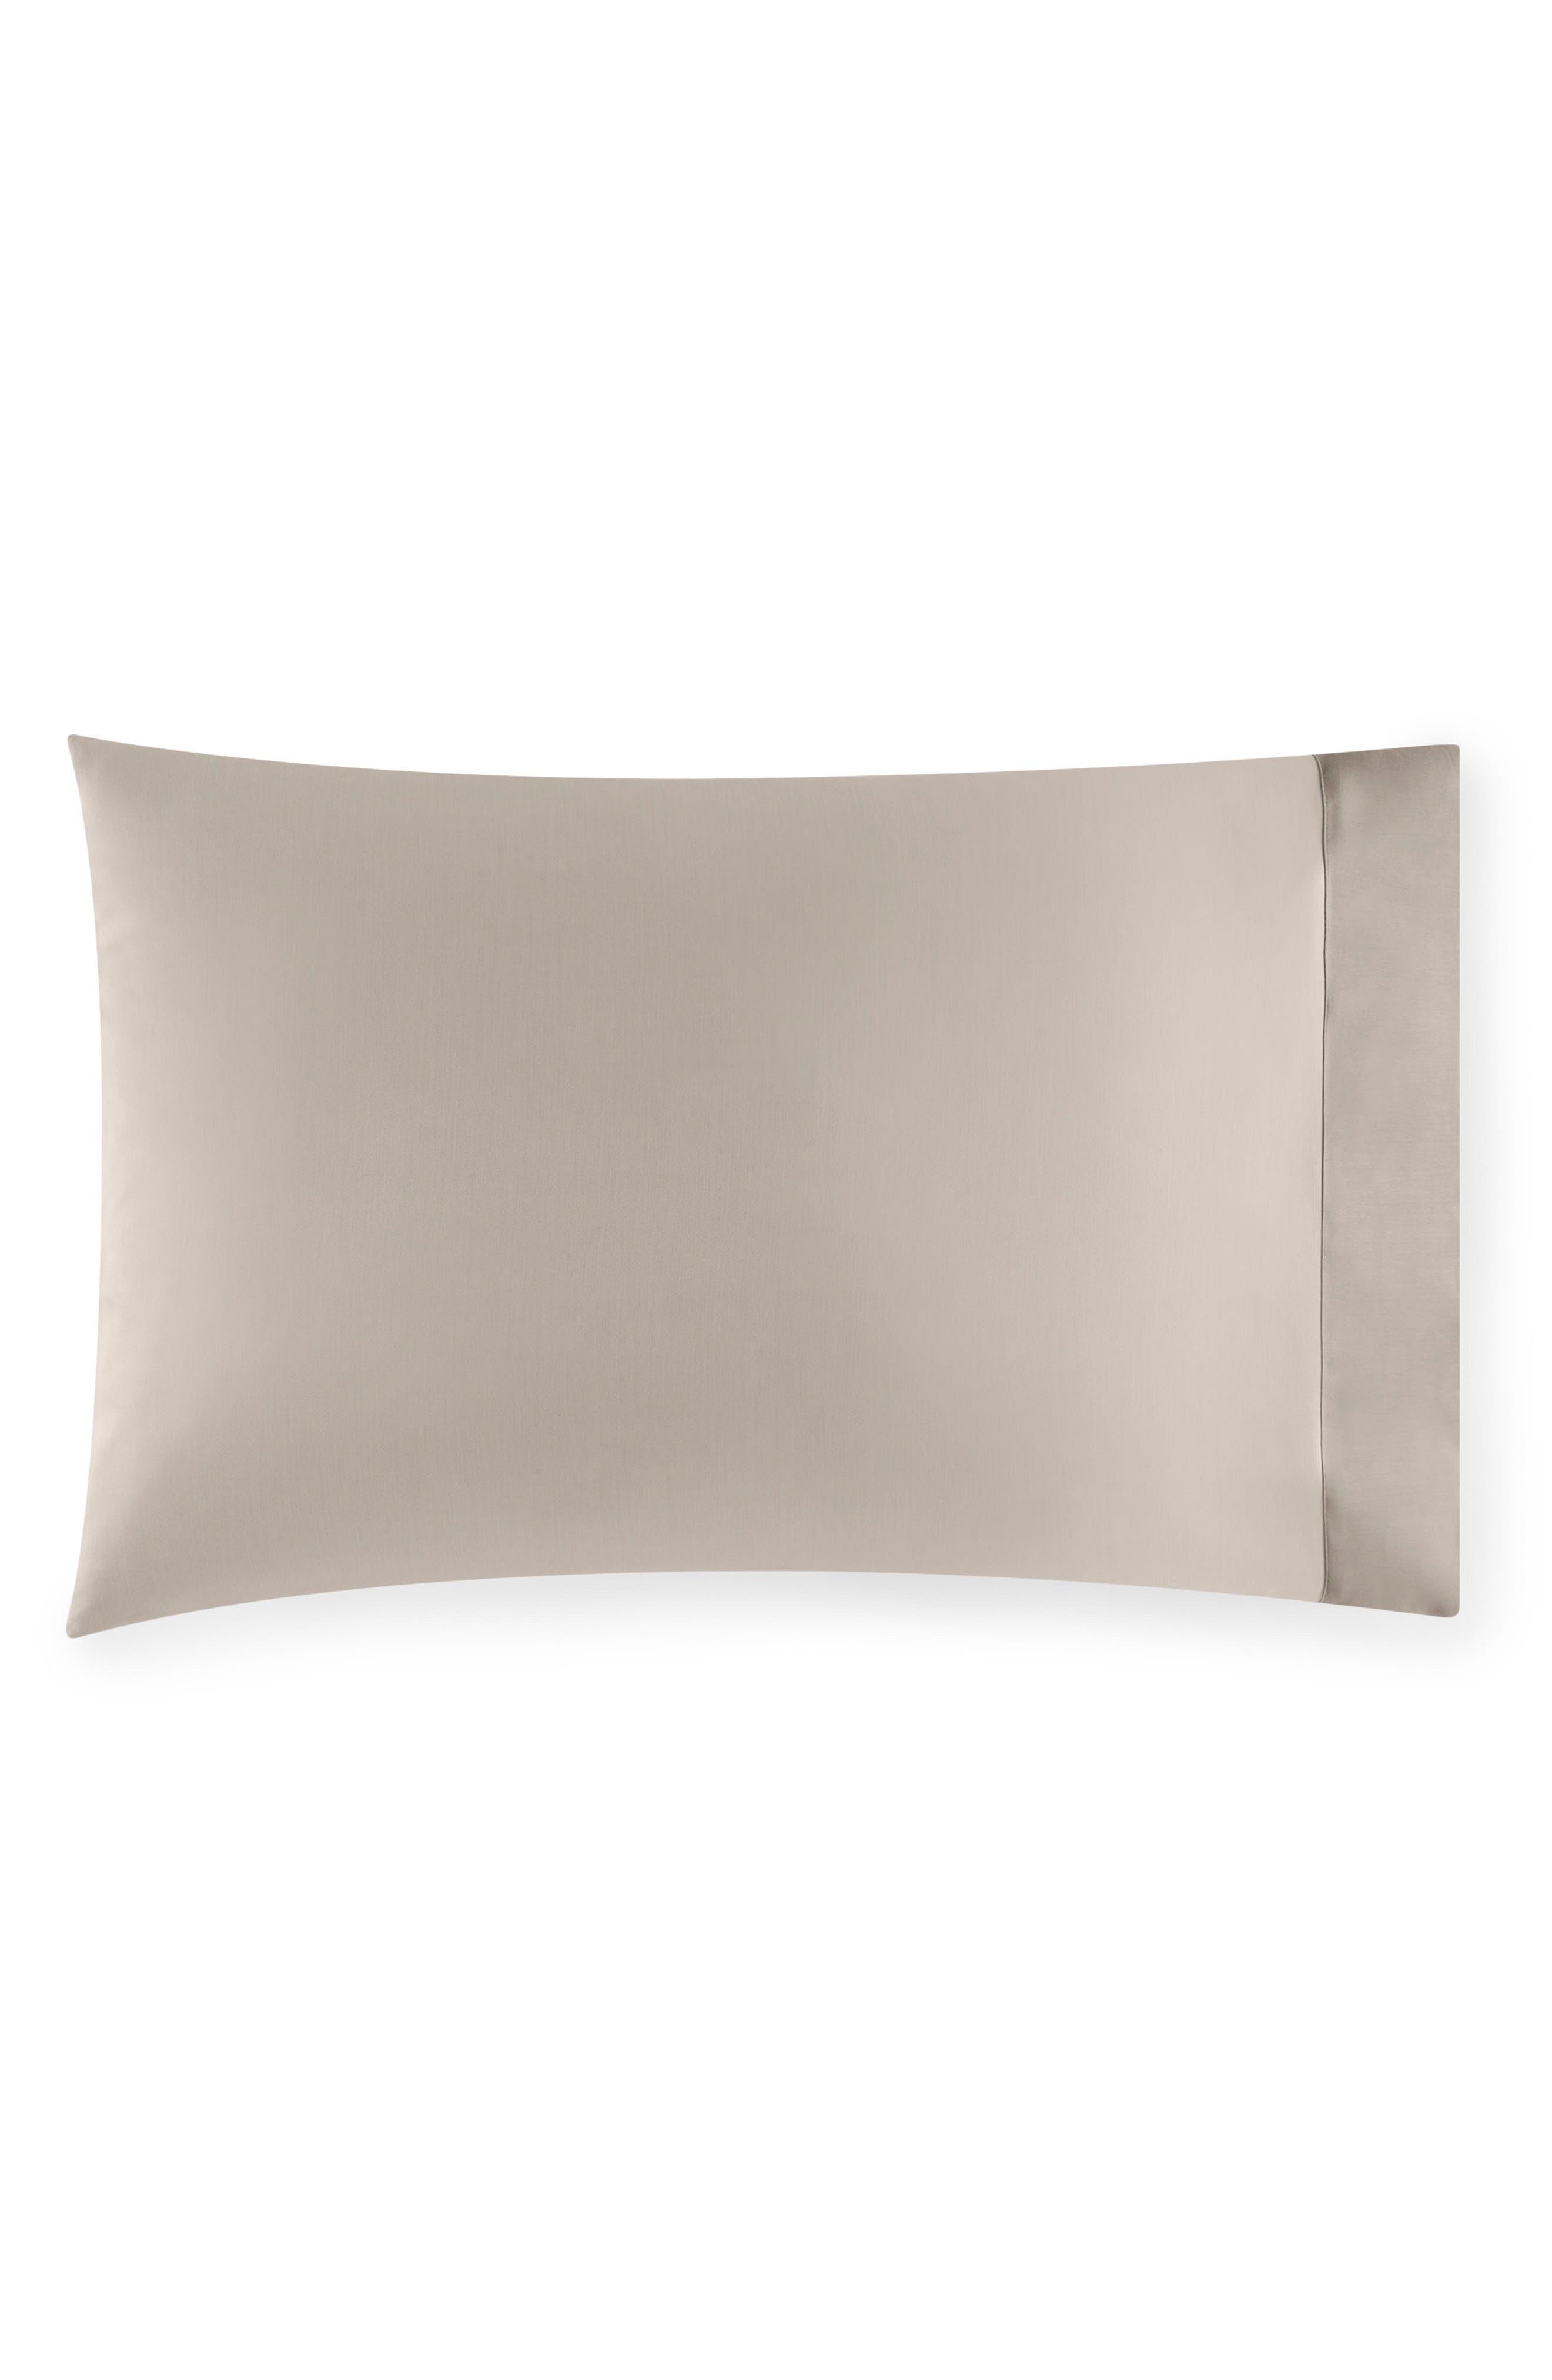 Larro Pillowcase,                             Main thumbnail 1, color,                             NOUGAT